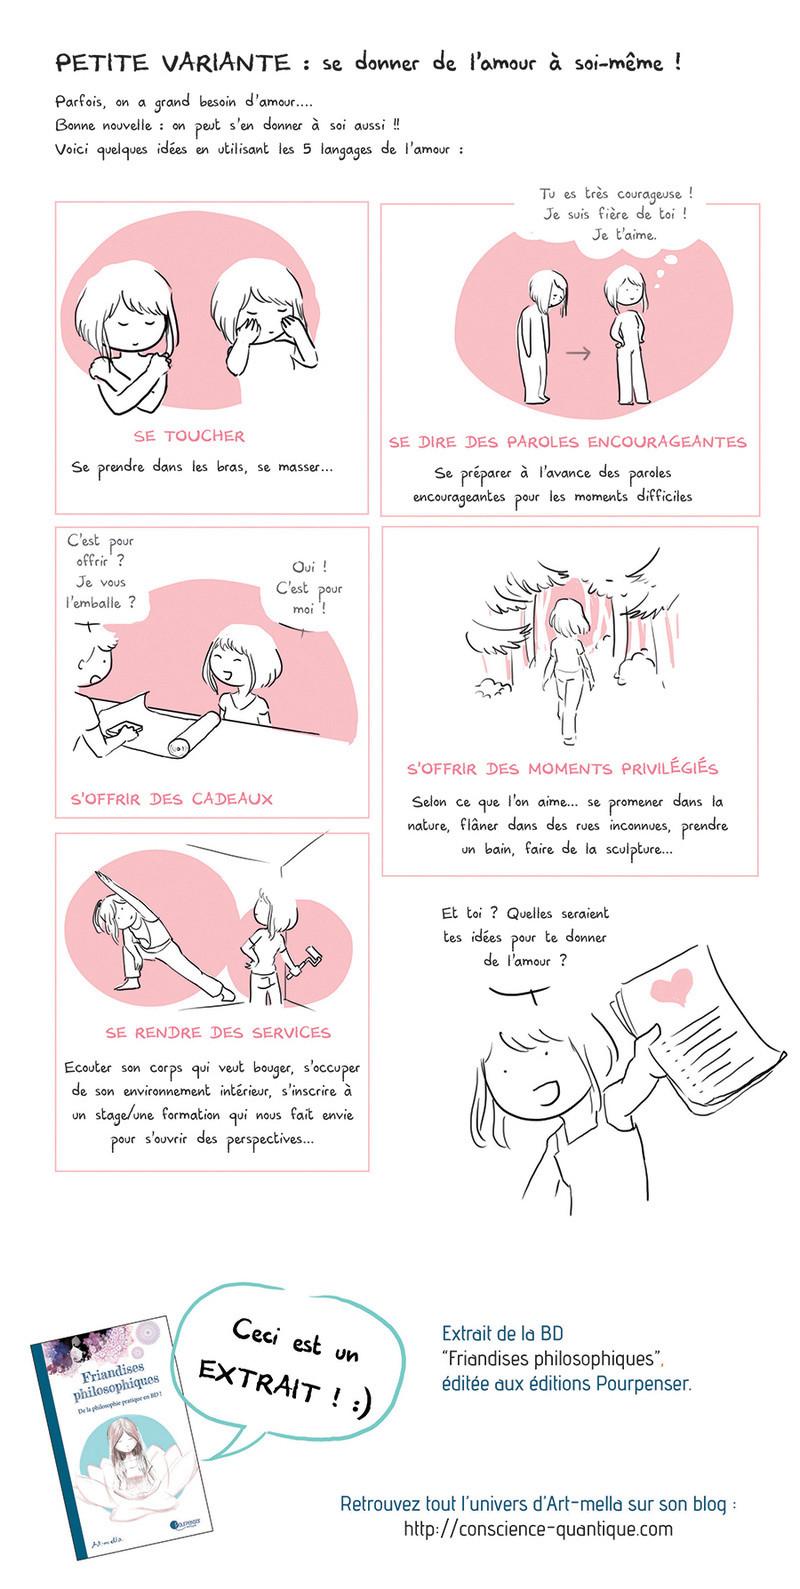 Les 5 langages de l'amour Source : Art-Mella Les5_l14